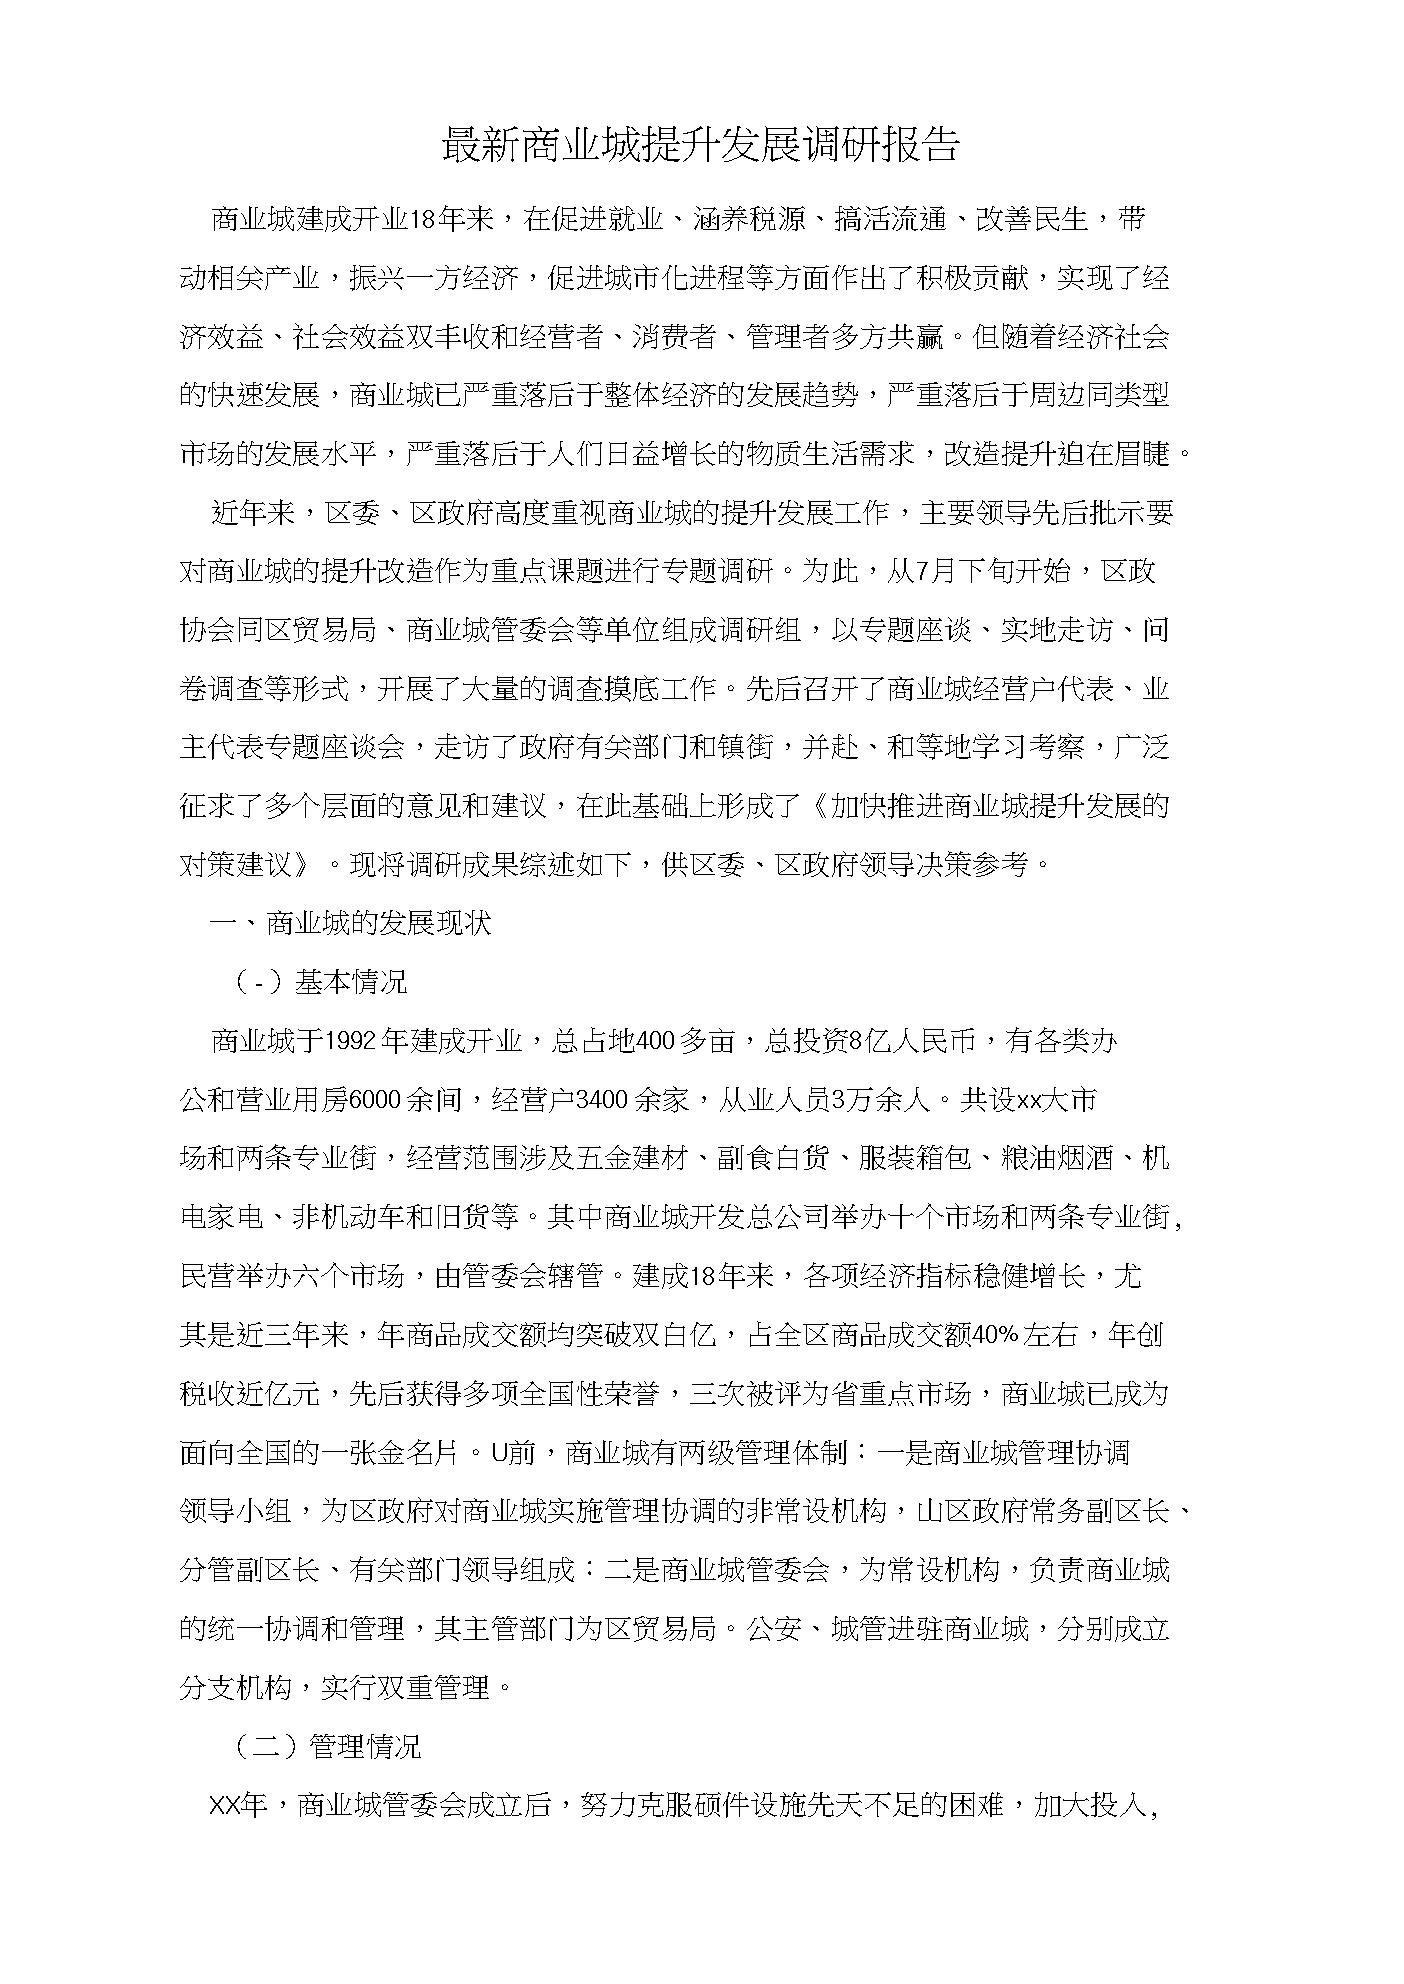 最新商业城提升发展调研报告.docx